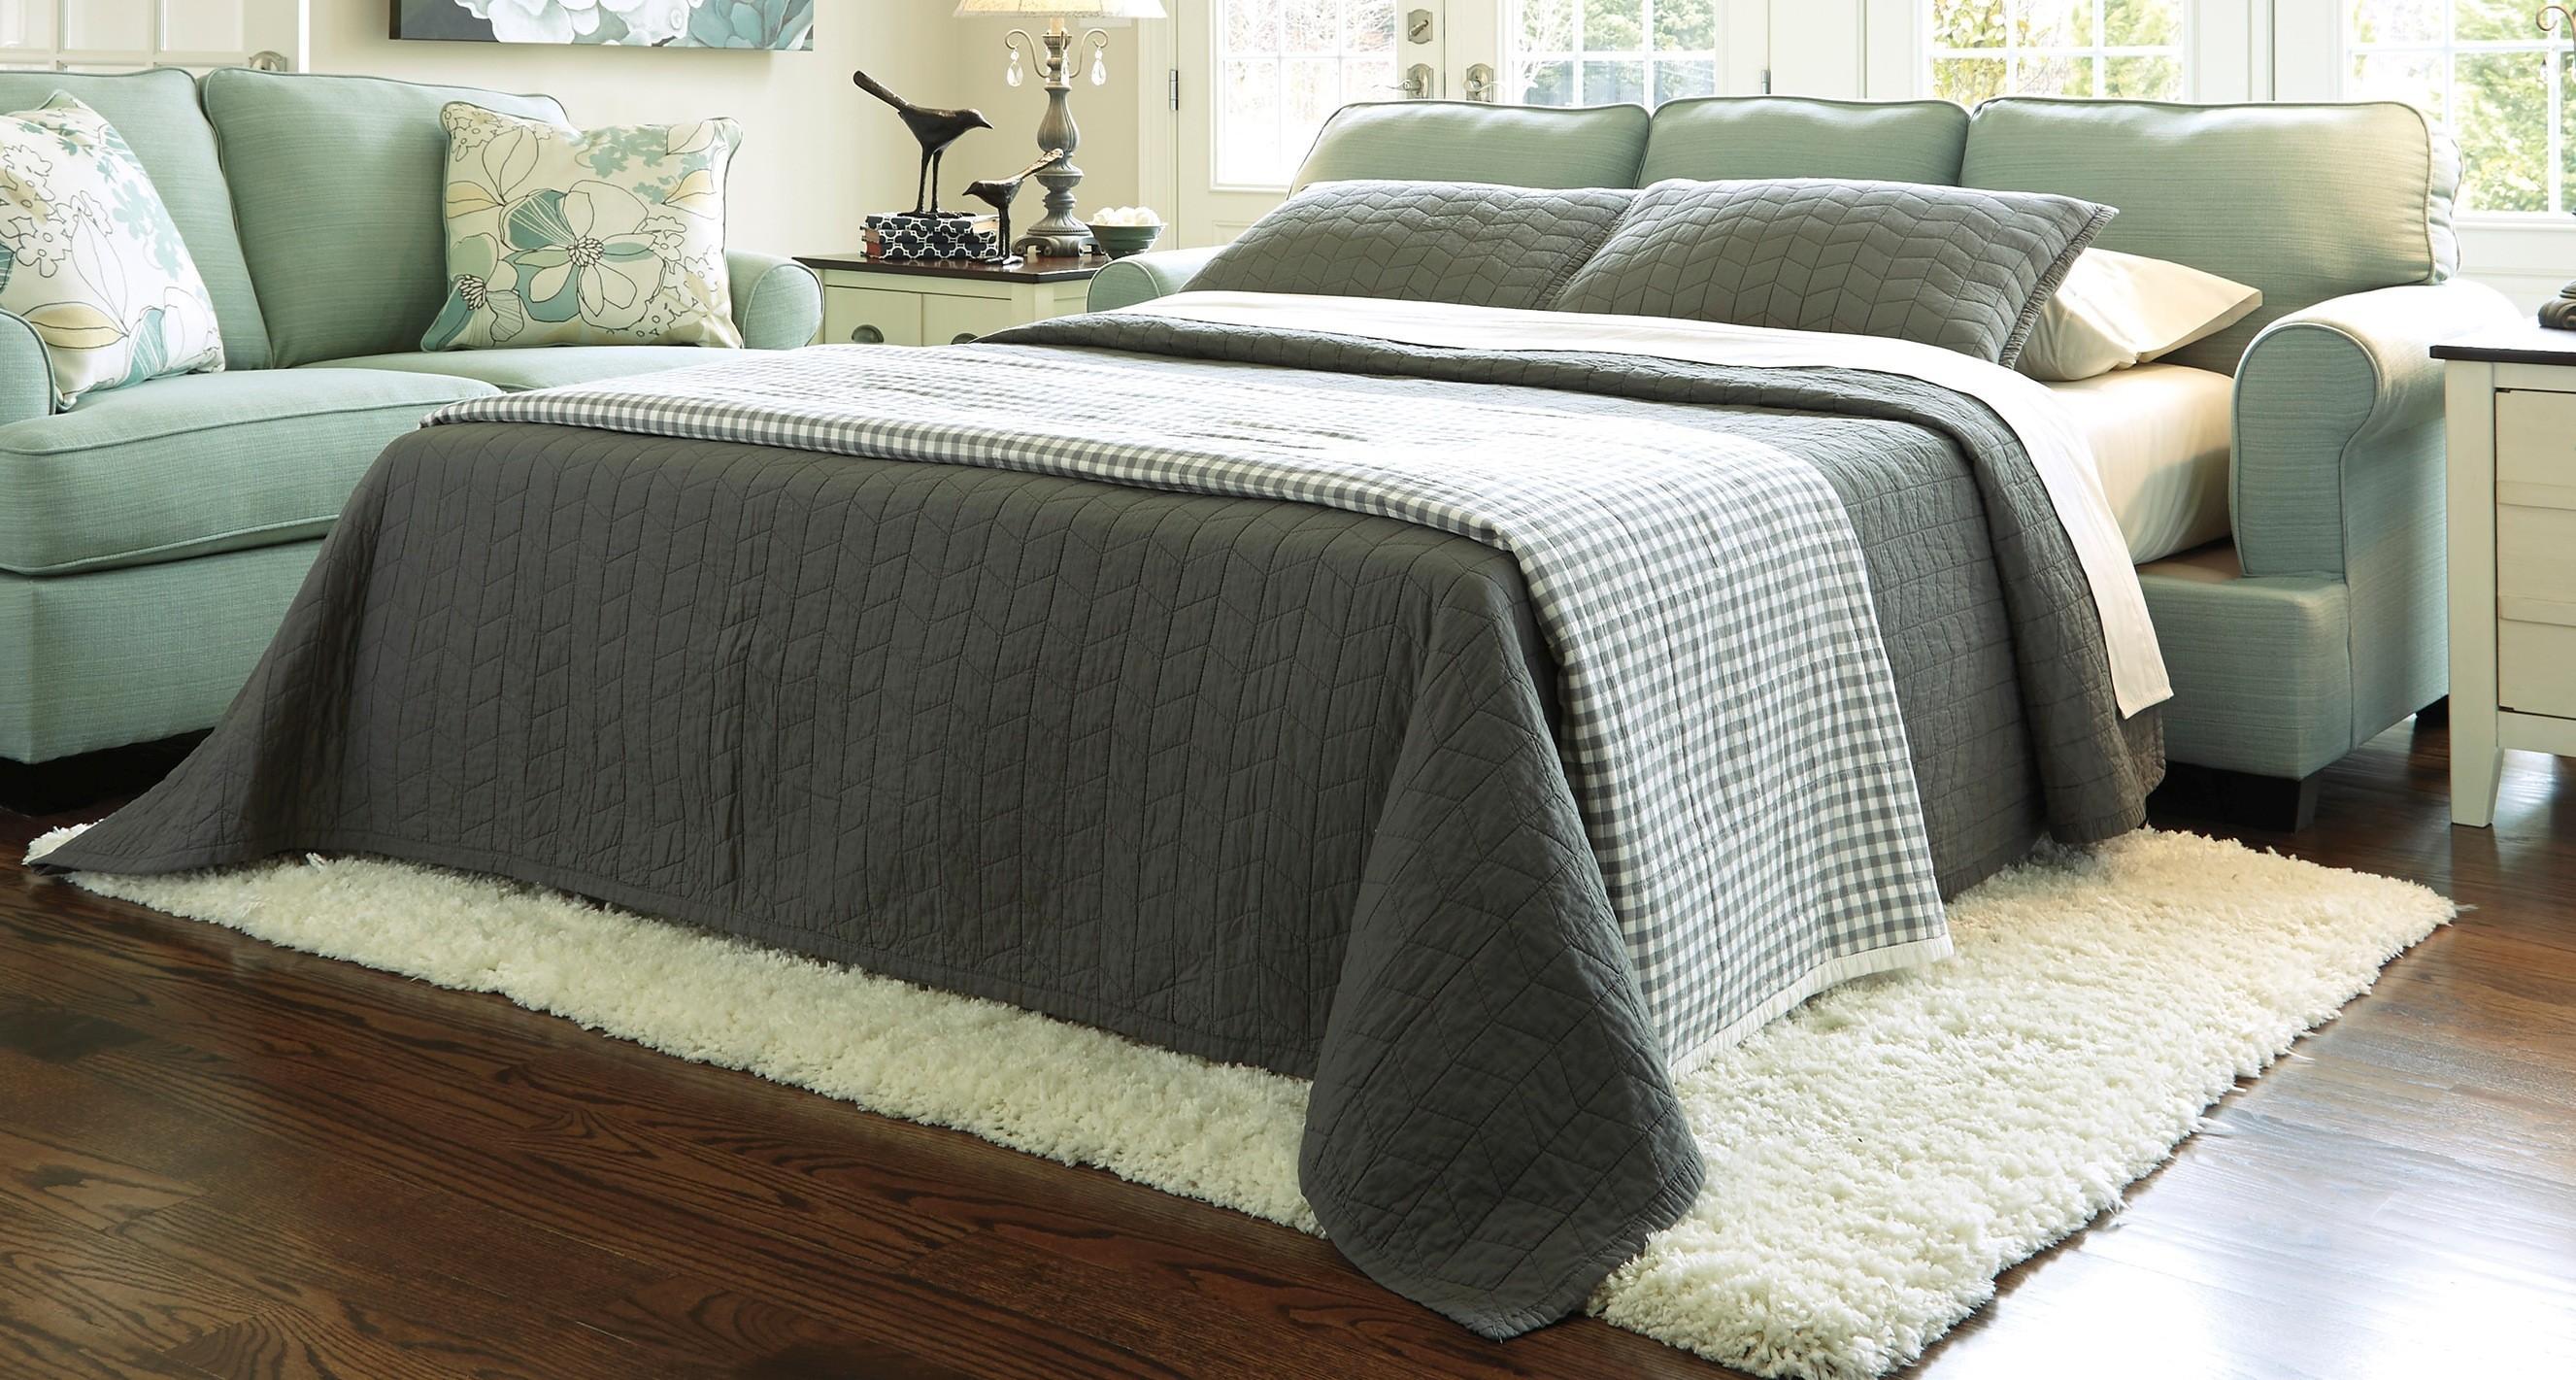 Buy Ashley Furniture 2820039 Daystar Seafoam Queen Sofa Sleeper Inside Seafoam Sofas (Image 2 of 20)